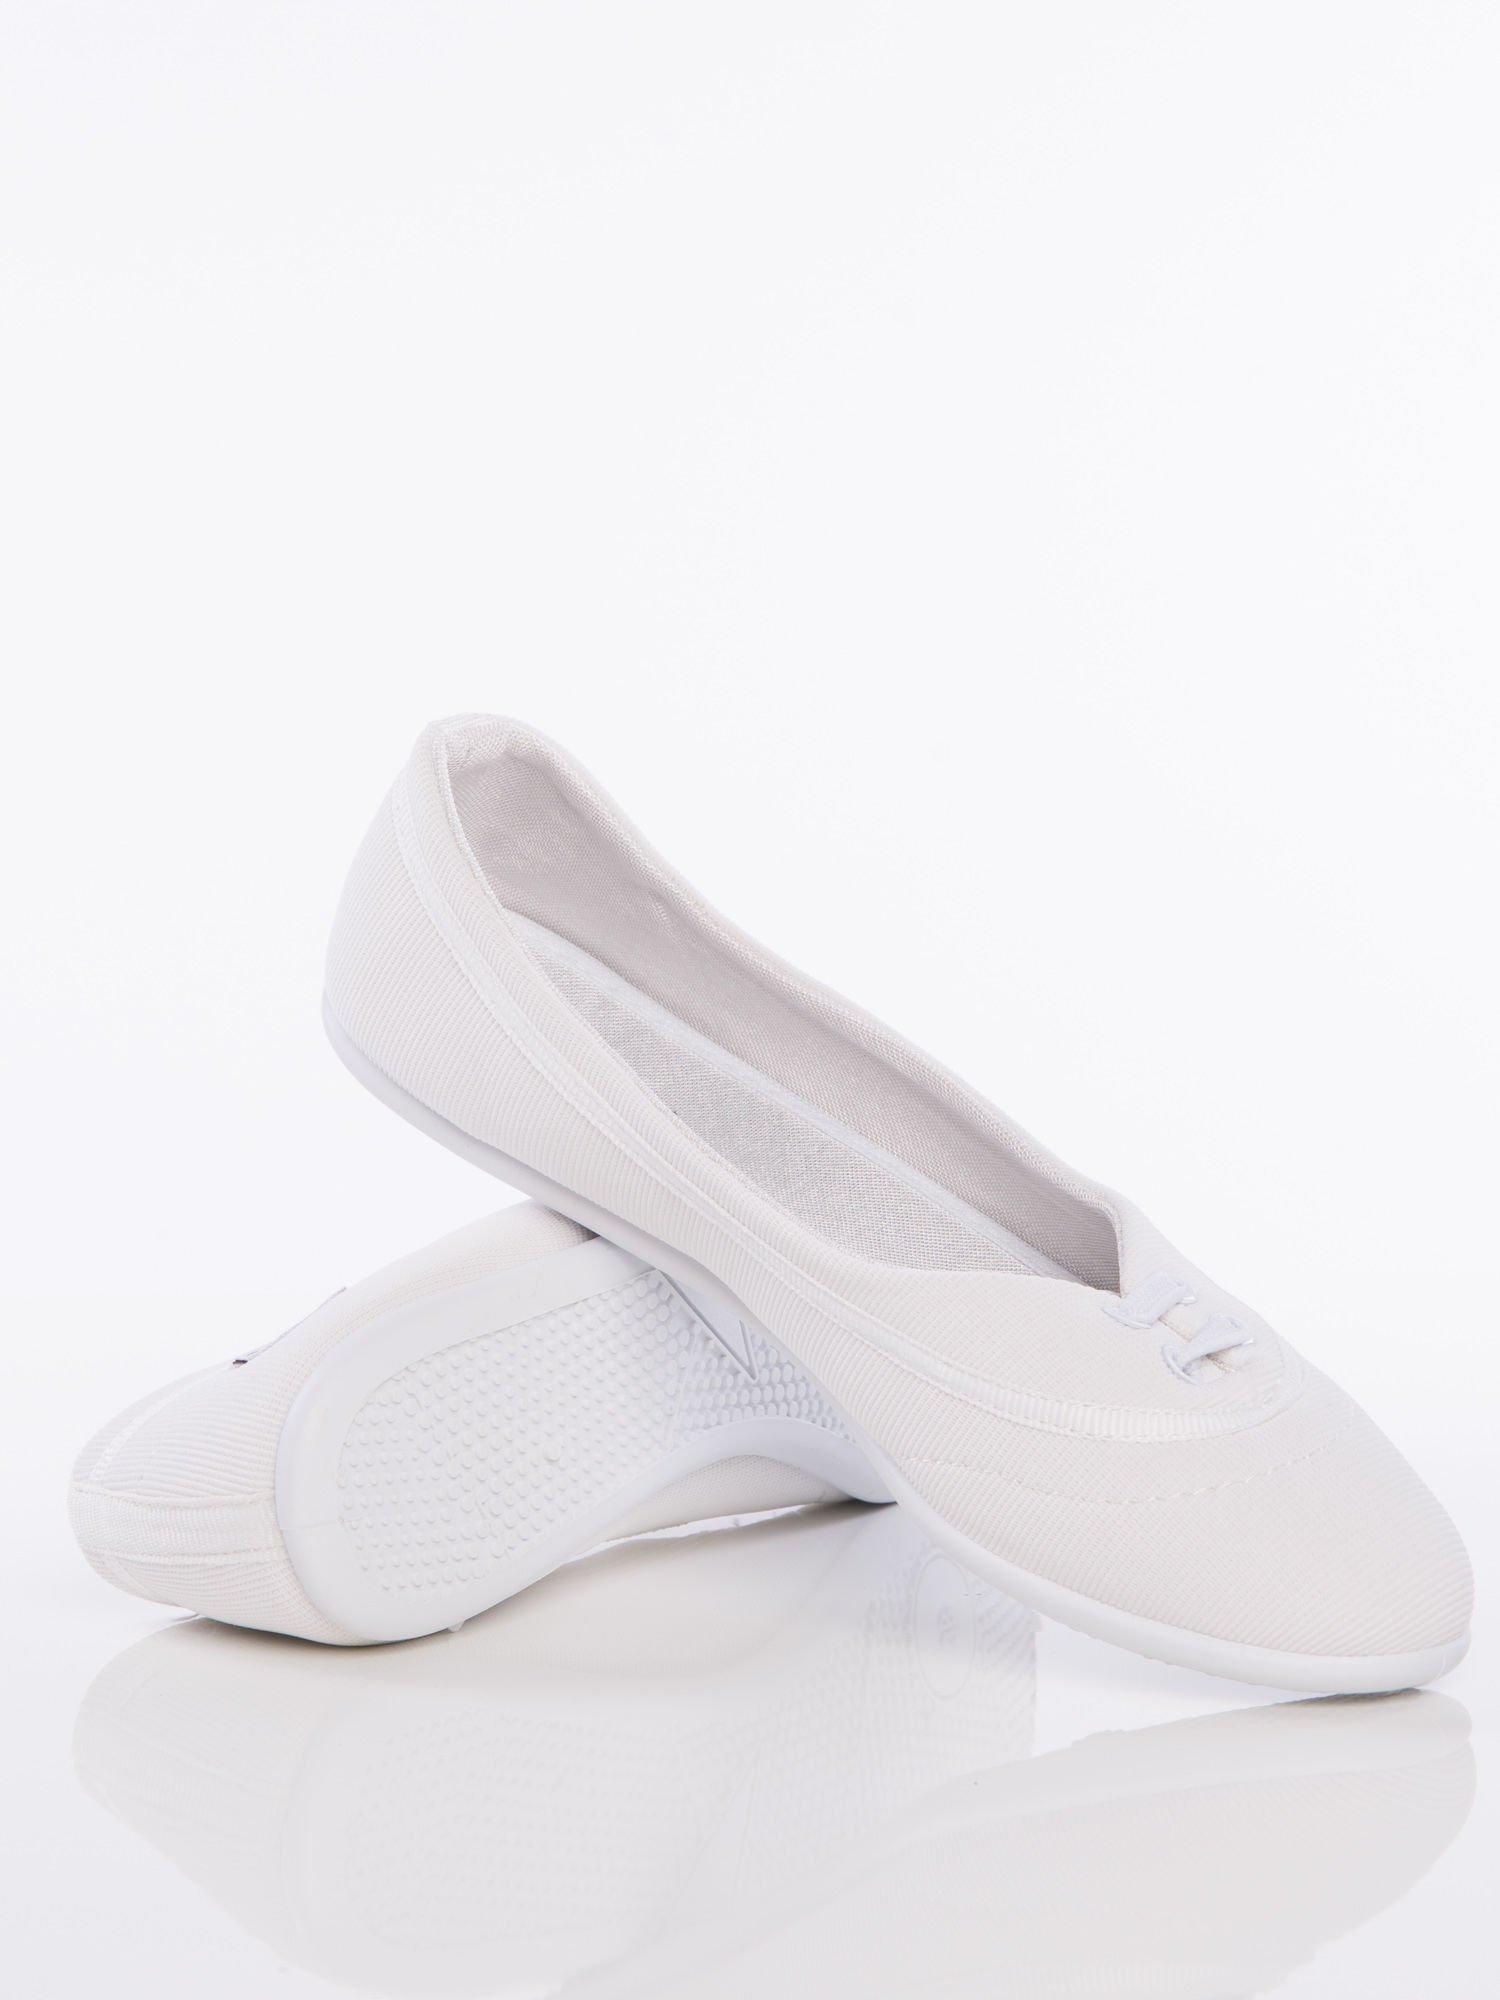 Białe materiałowe baleriny Cushy Court ze sznurówkami i białą podeszwą                                  zdj.                                  2